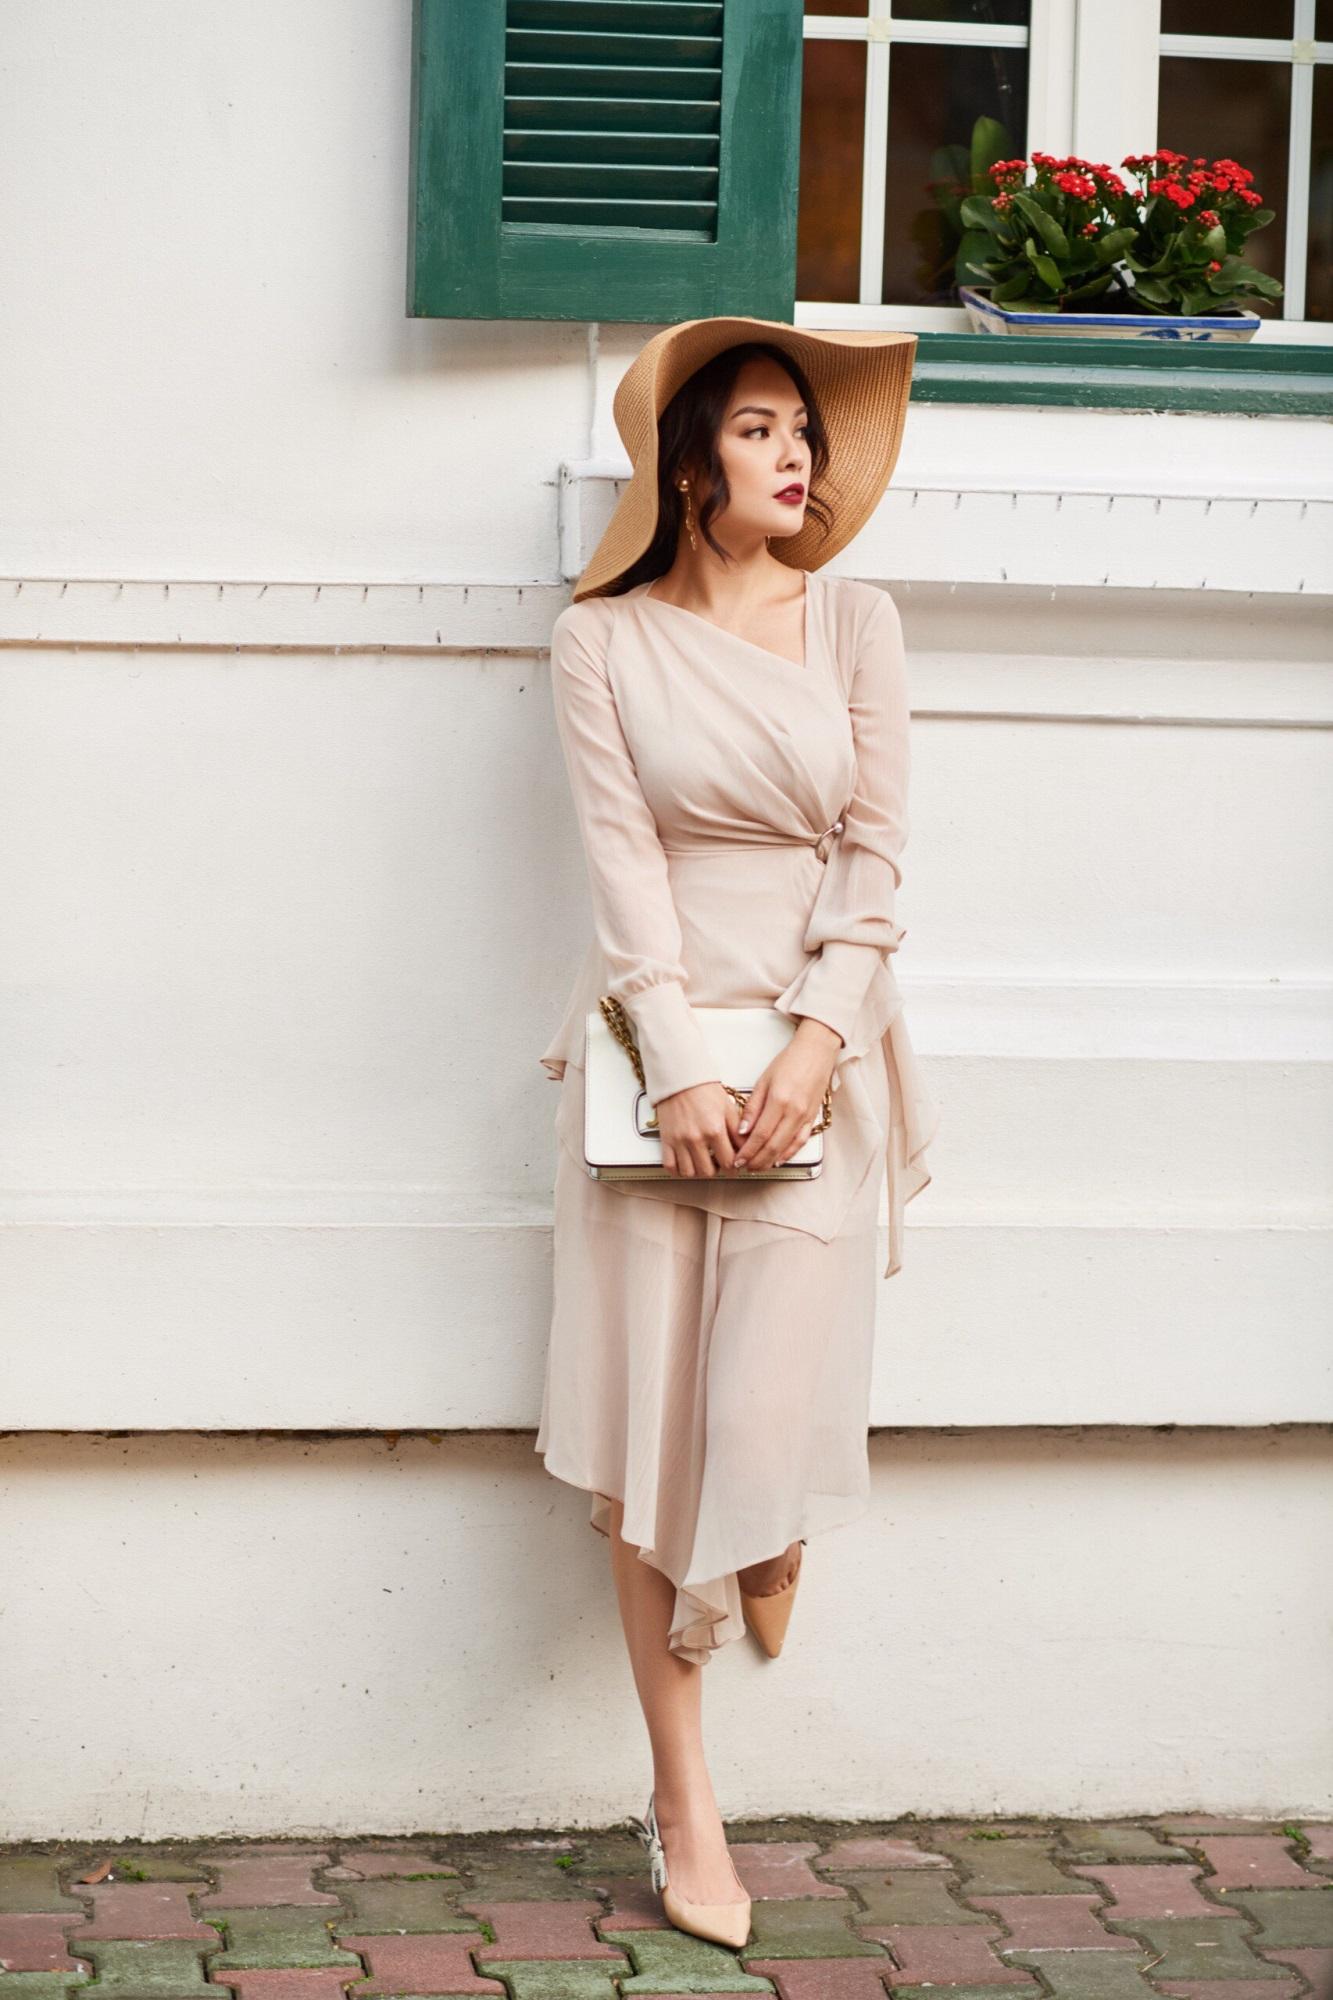 'Bà mẹ đơn thân' Dương Cẩm Lynh khoe nhan sắc rạng ngời với street style sang trọng - Ảnh 1